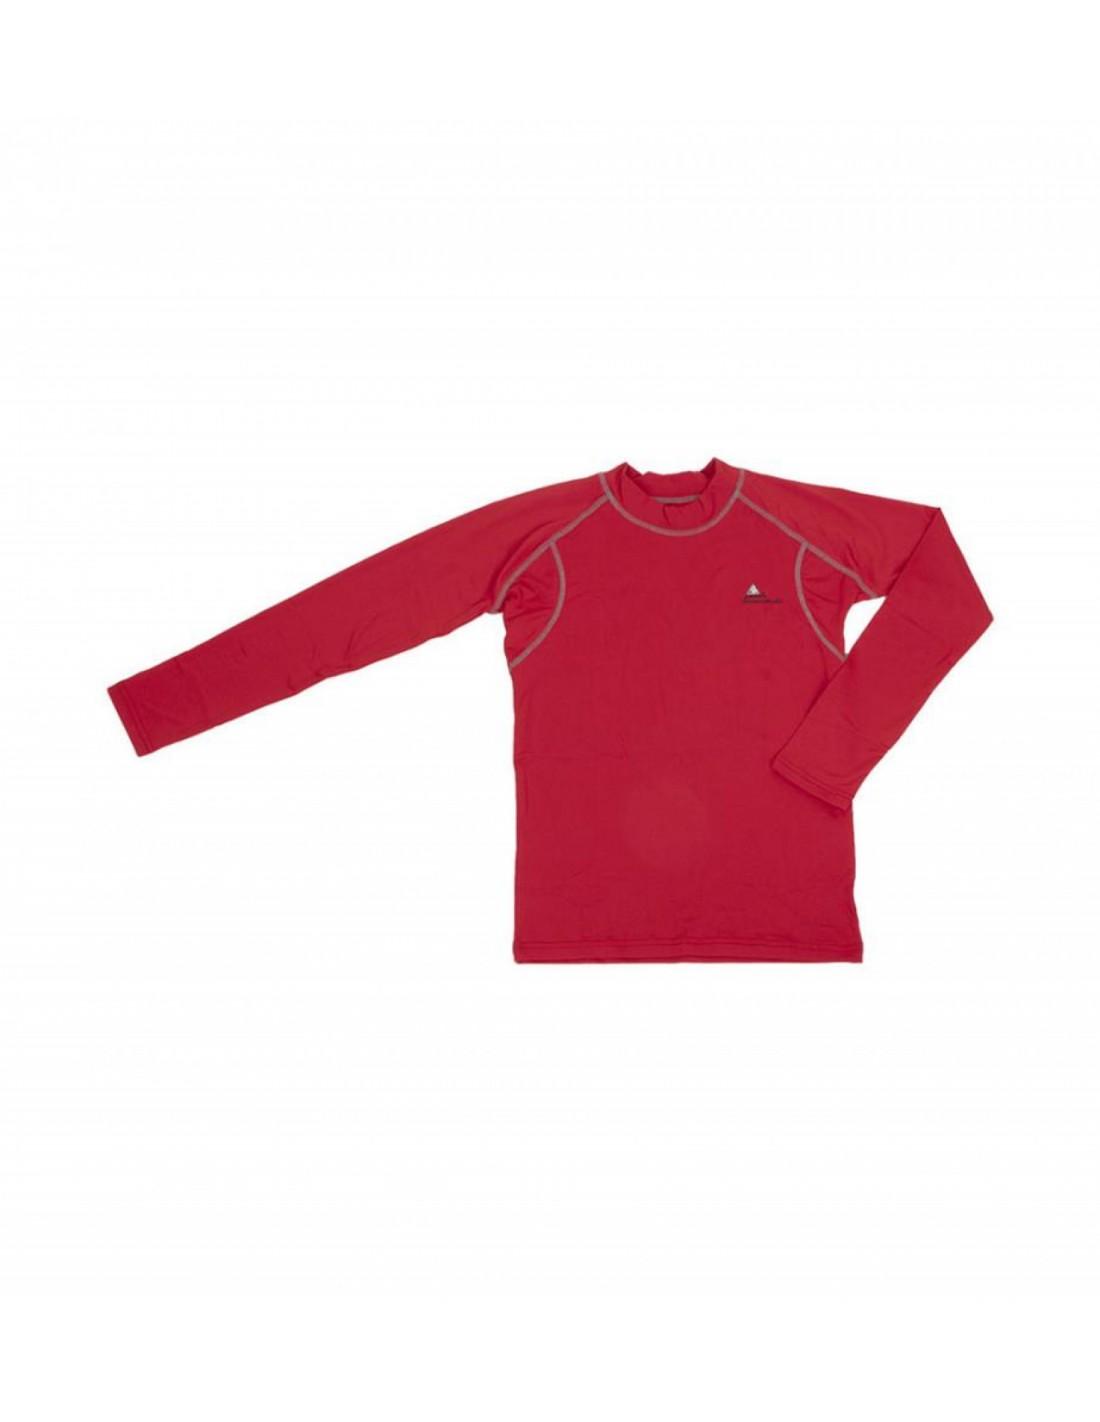 dac28e3a5359f T-shirt manche longues 1ère peau Garçon 10-16 ans ECANJO/10-16